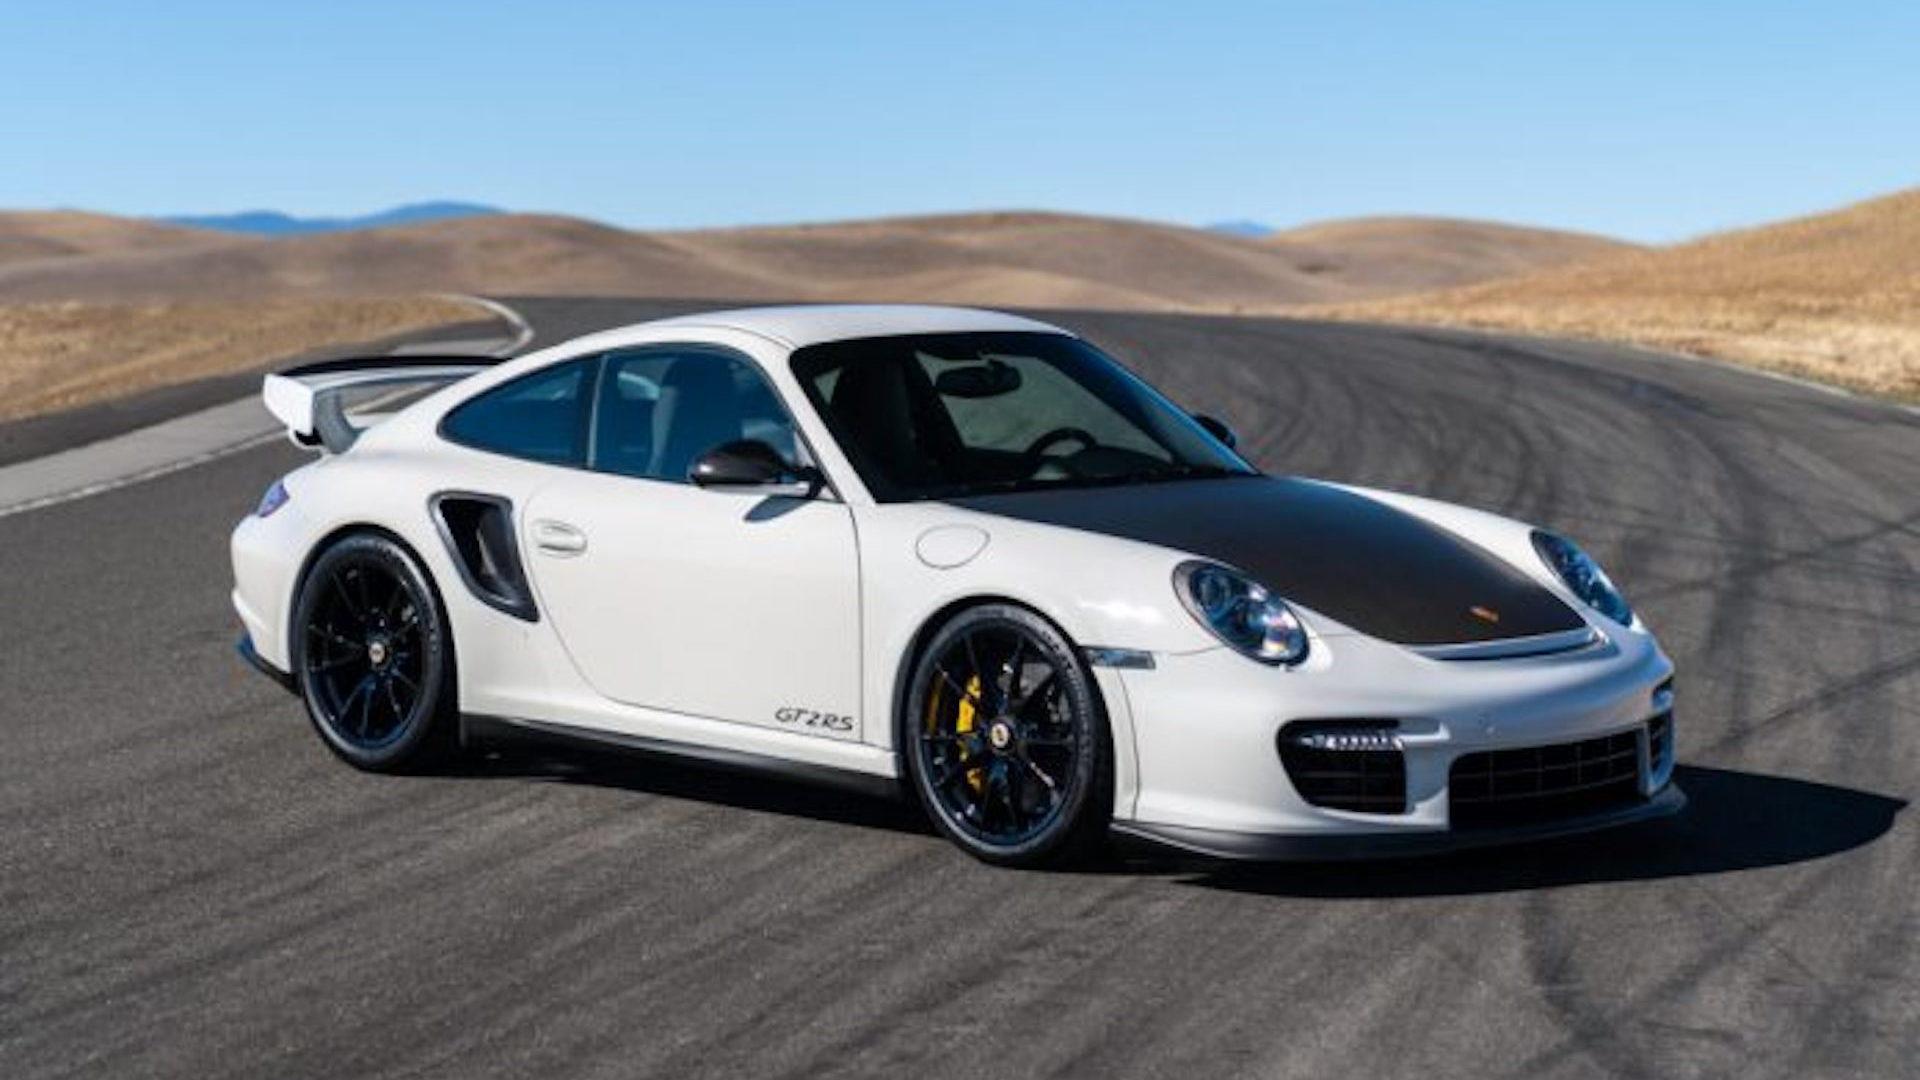 2011 Porsche 911 GT2 RS, via Gooding & Company